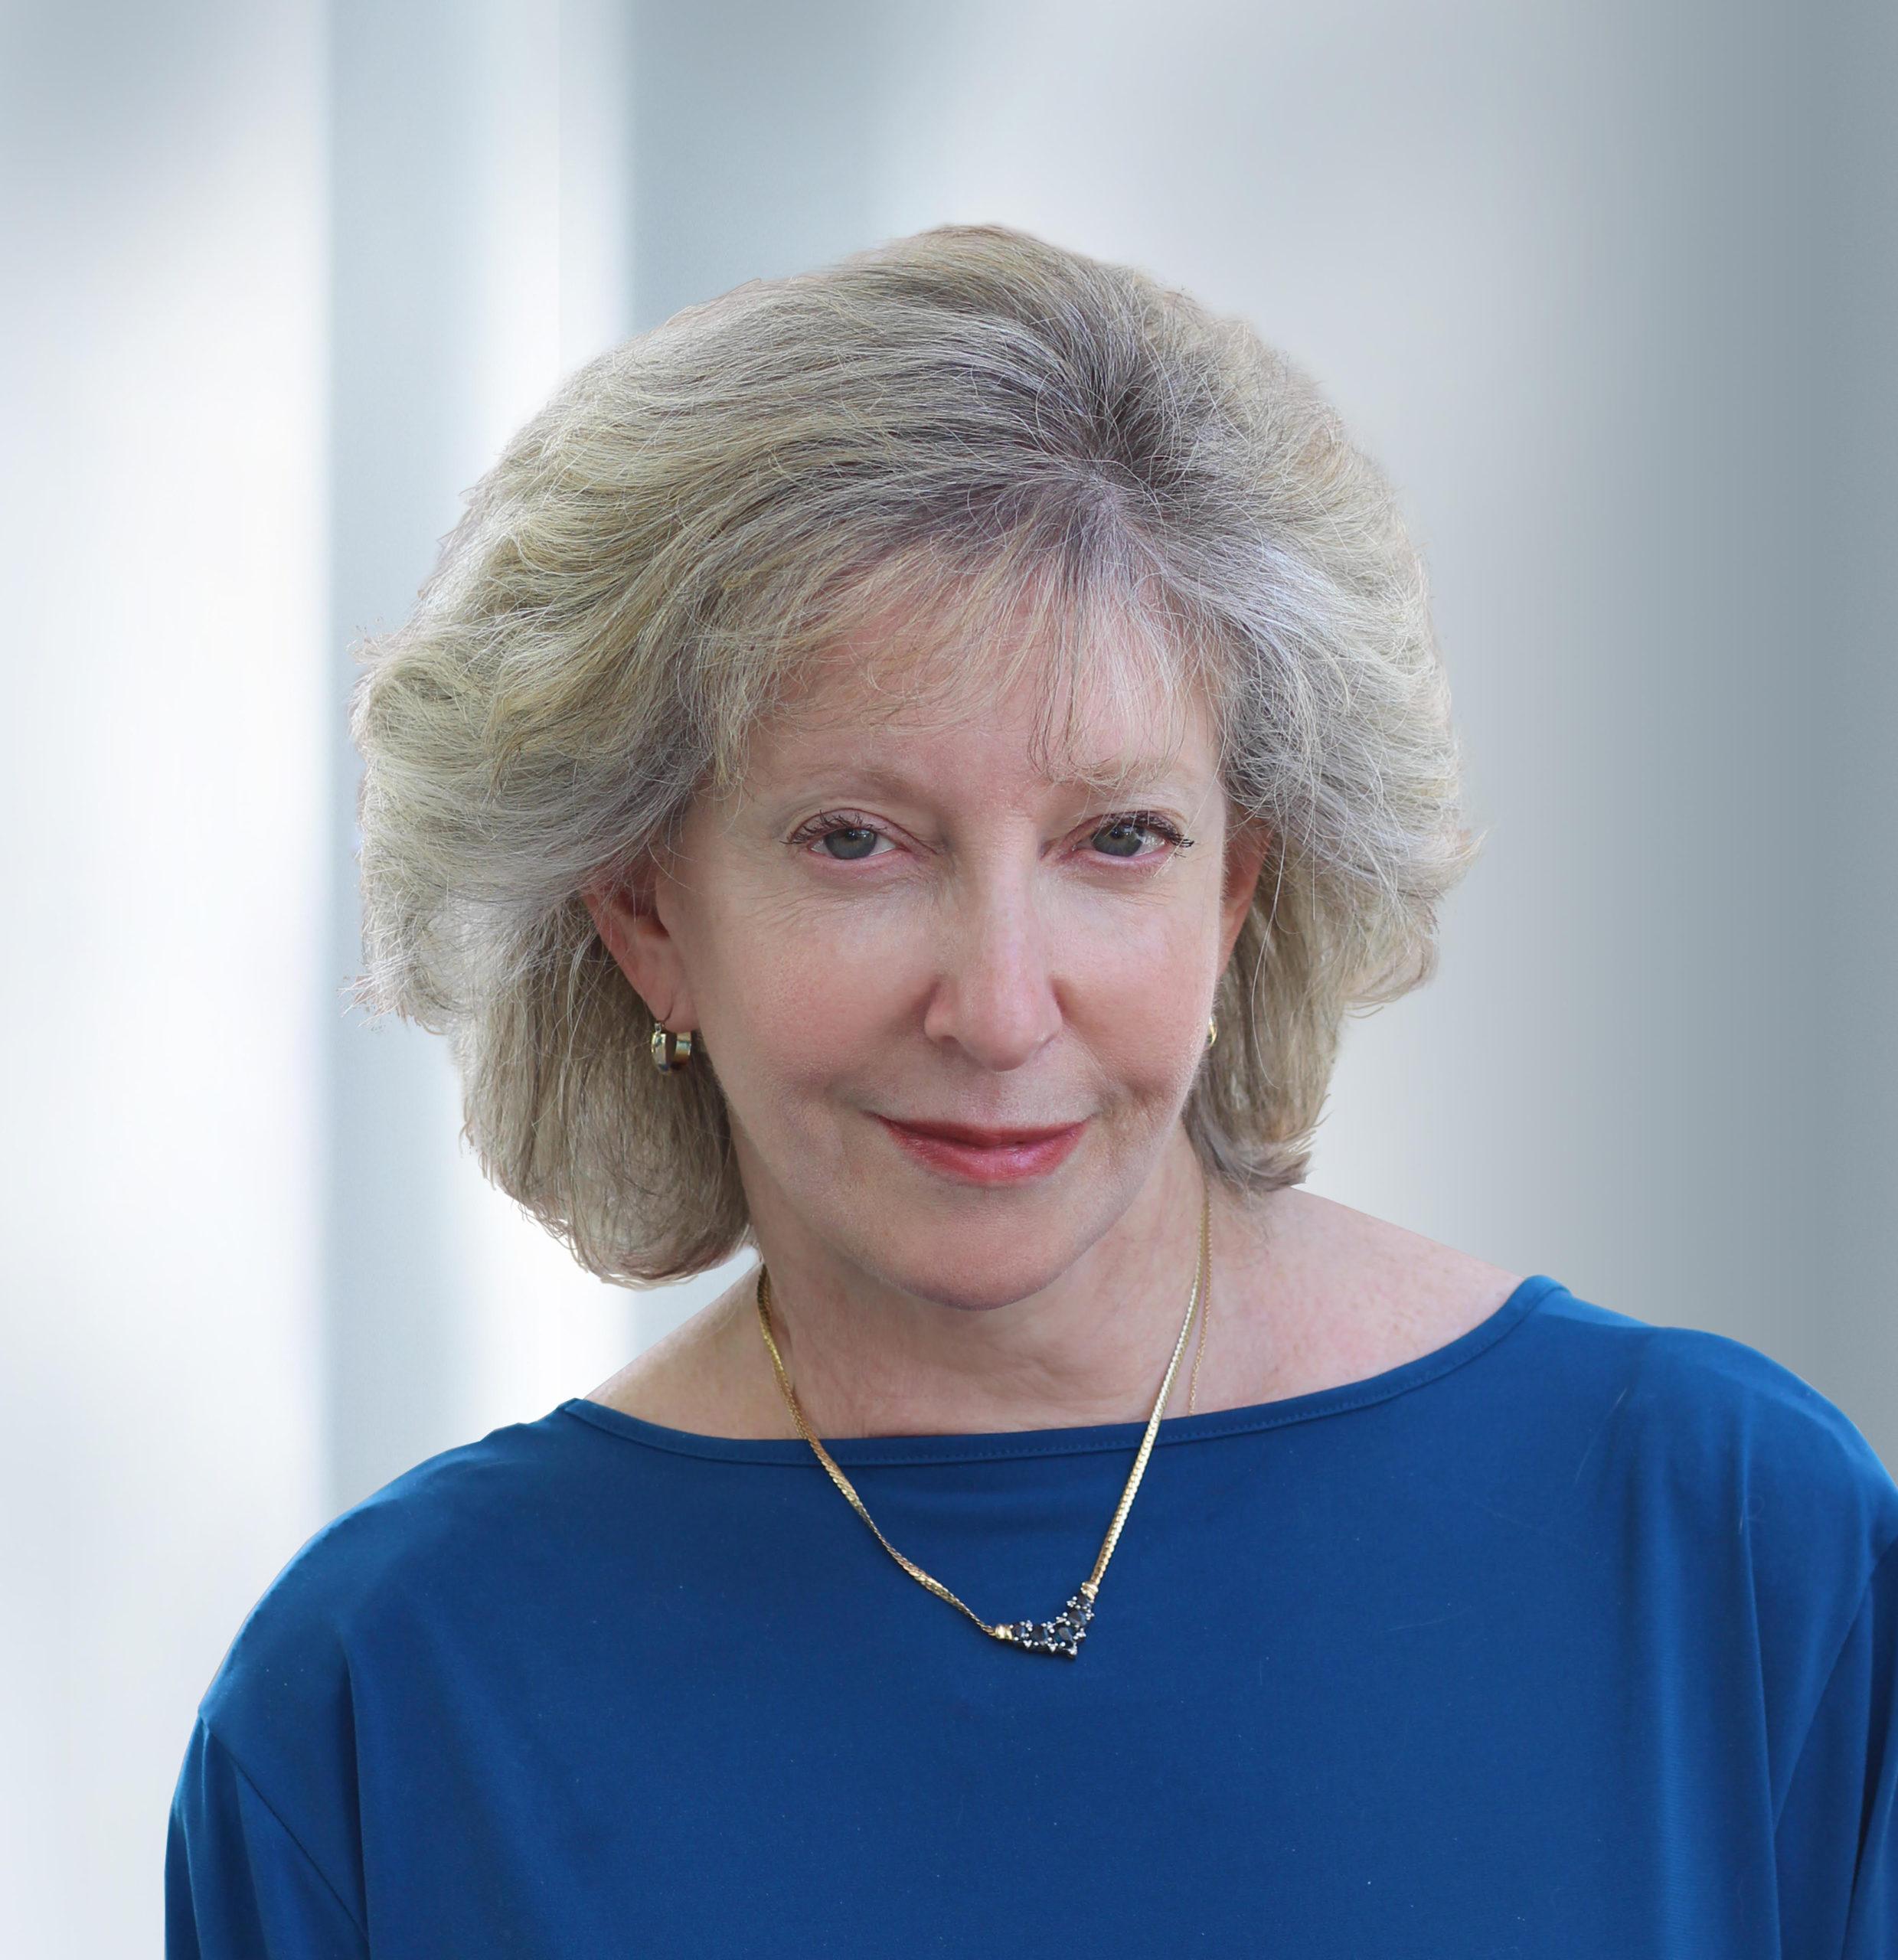 Marjorie Valin